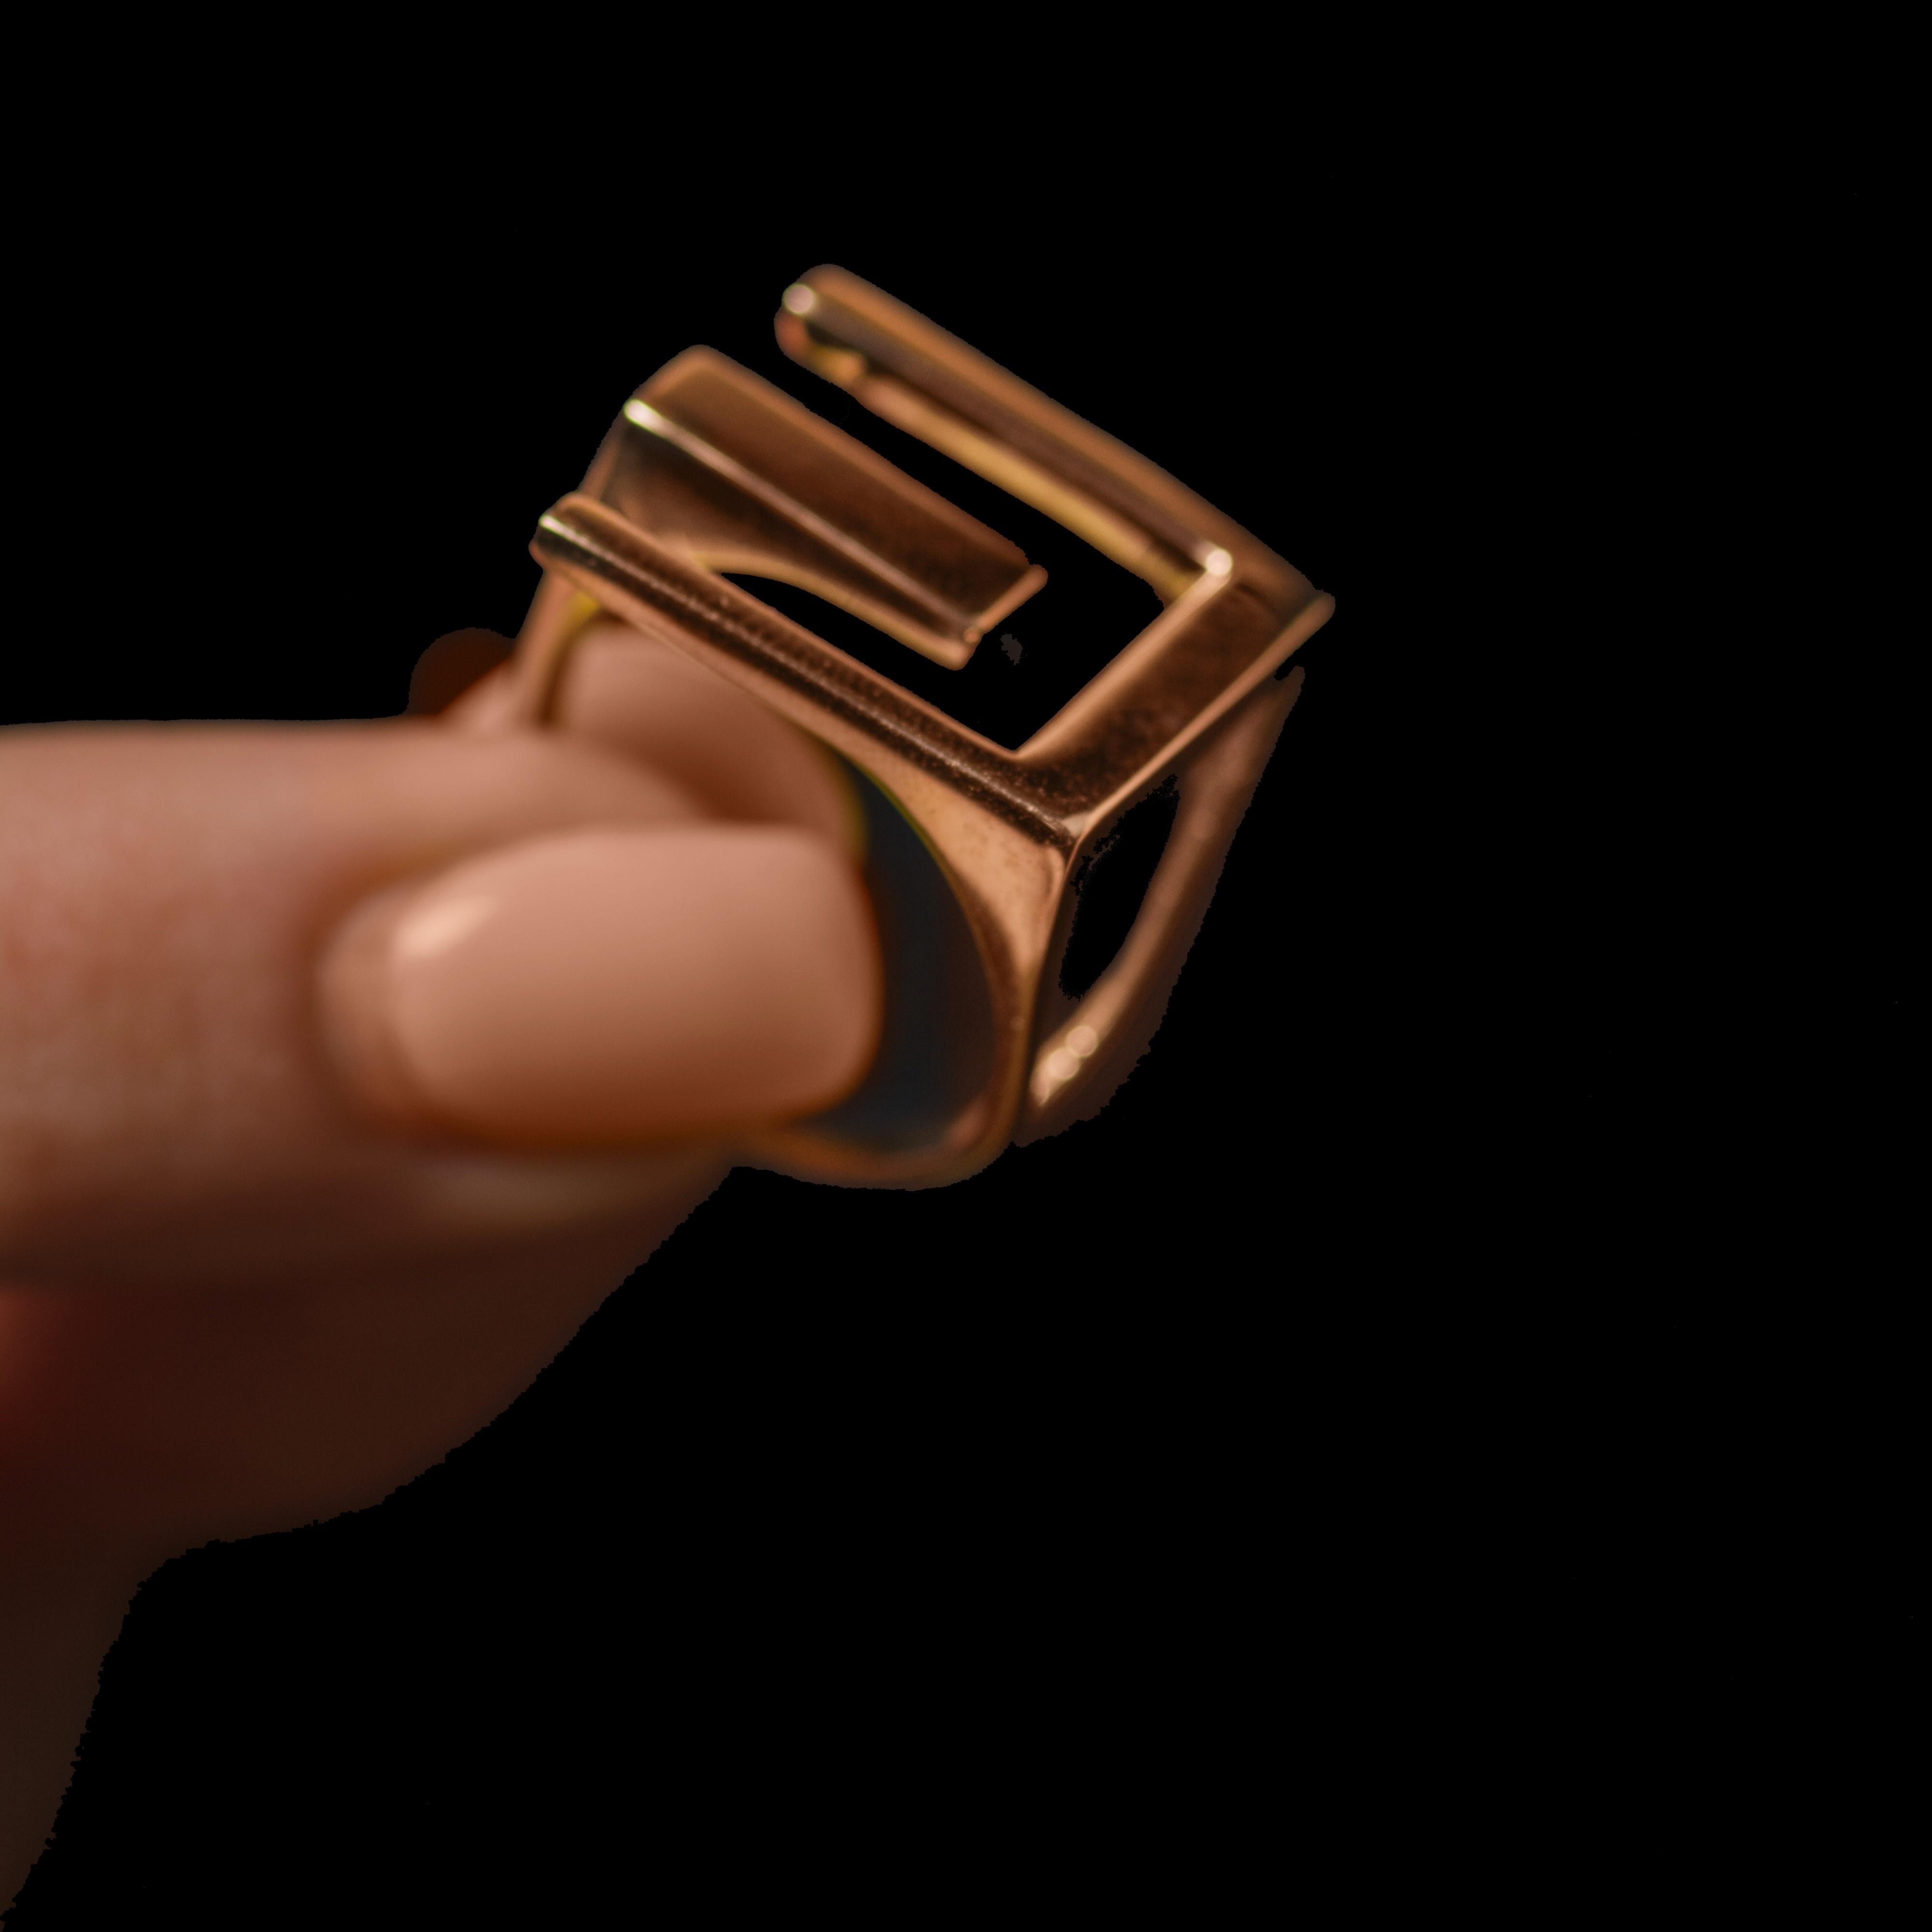 Золотое кольцо Тризуб в стиле тиффани